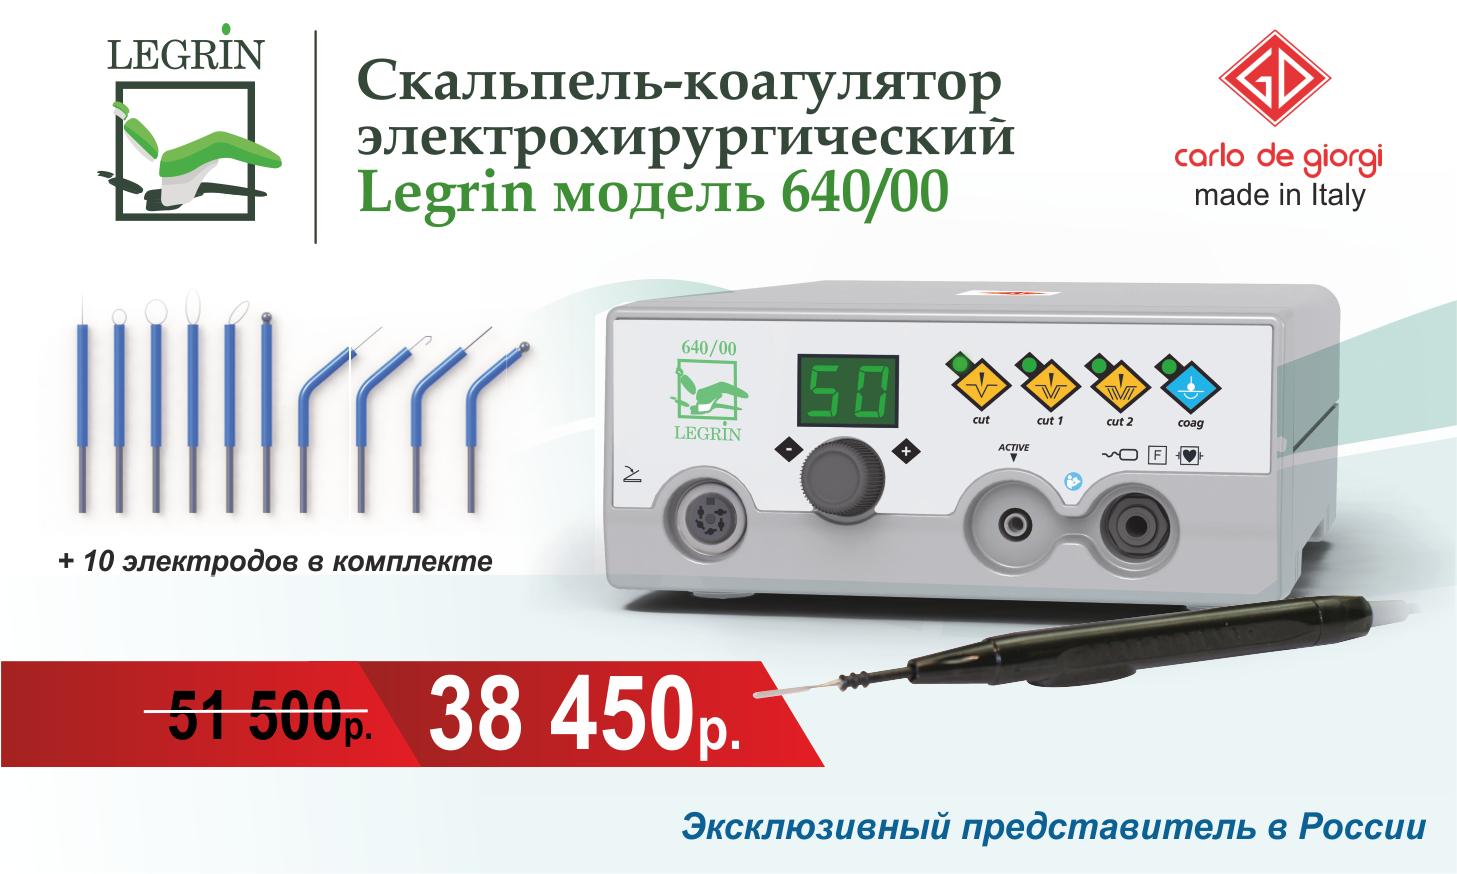 скальпель-коагулятор Legrin модели 640/00